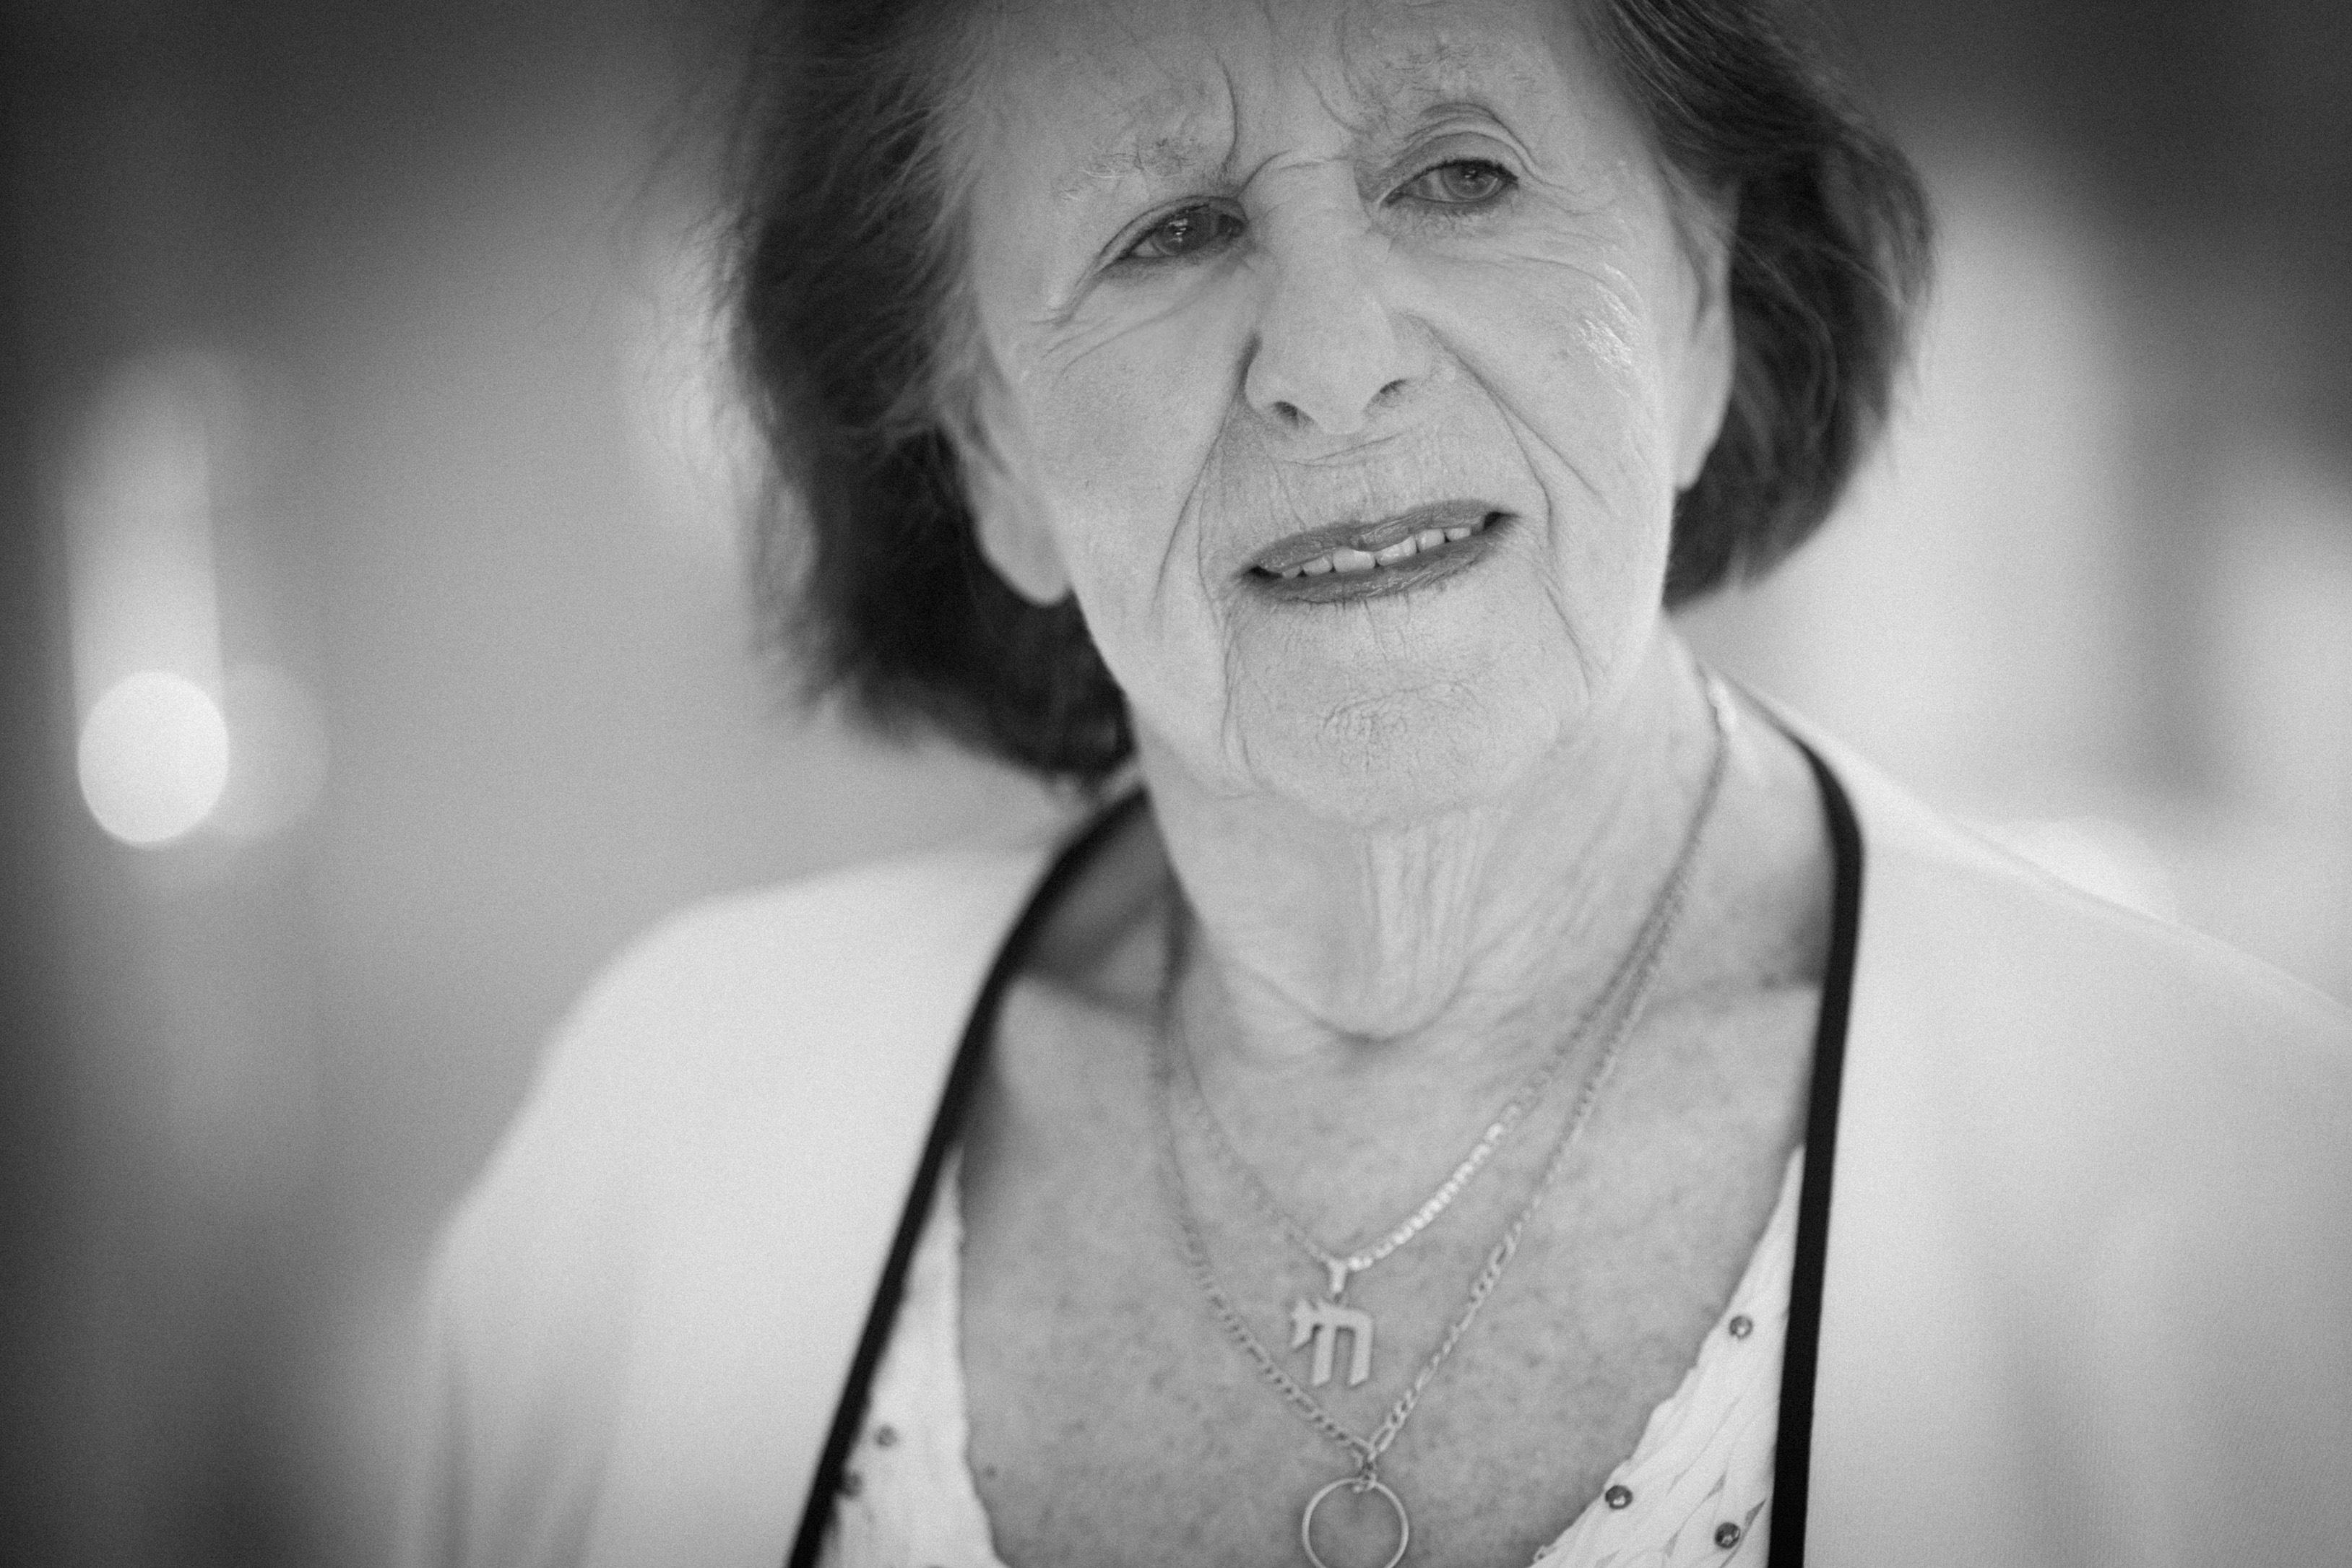 Truus van Zuiden | Hoe lang mag ik leven | Margriet